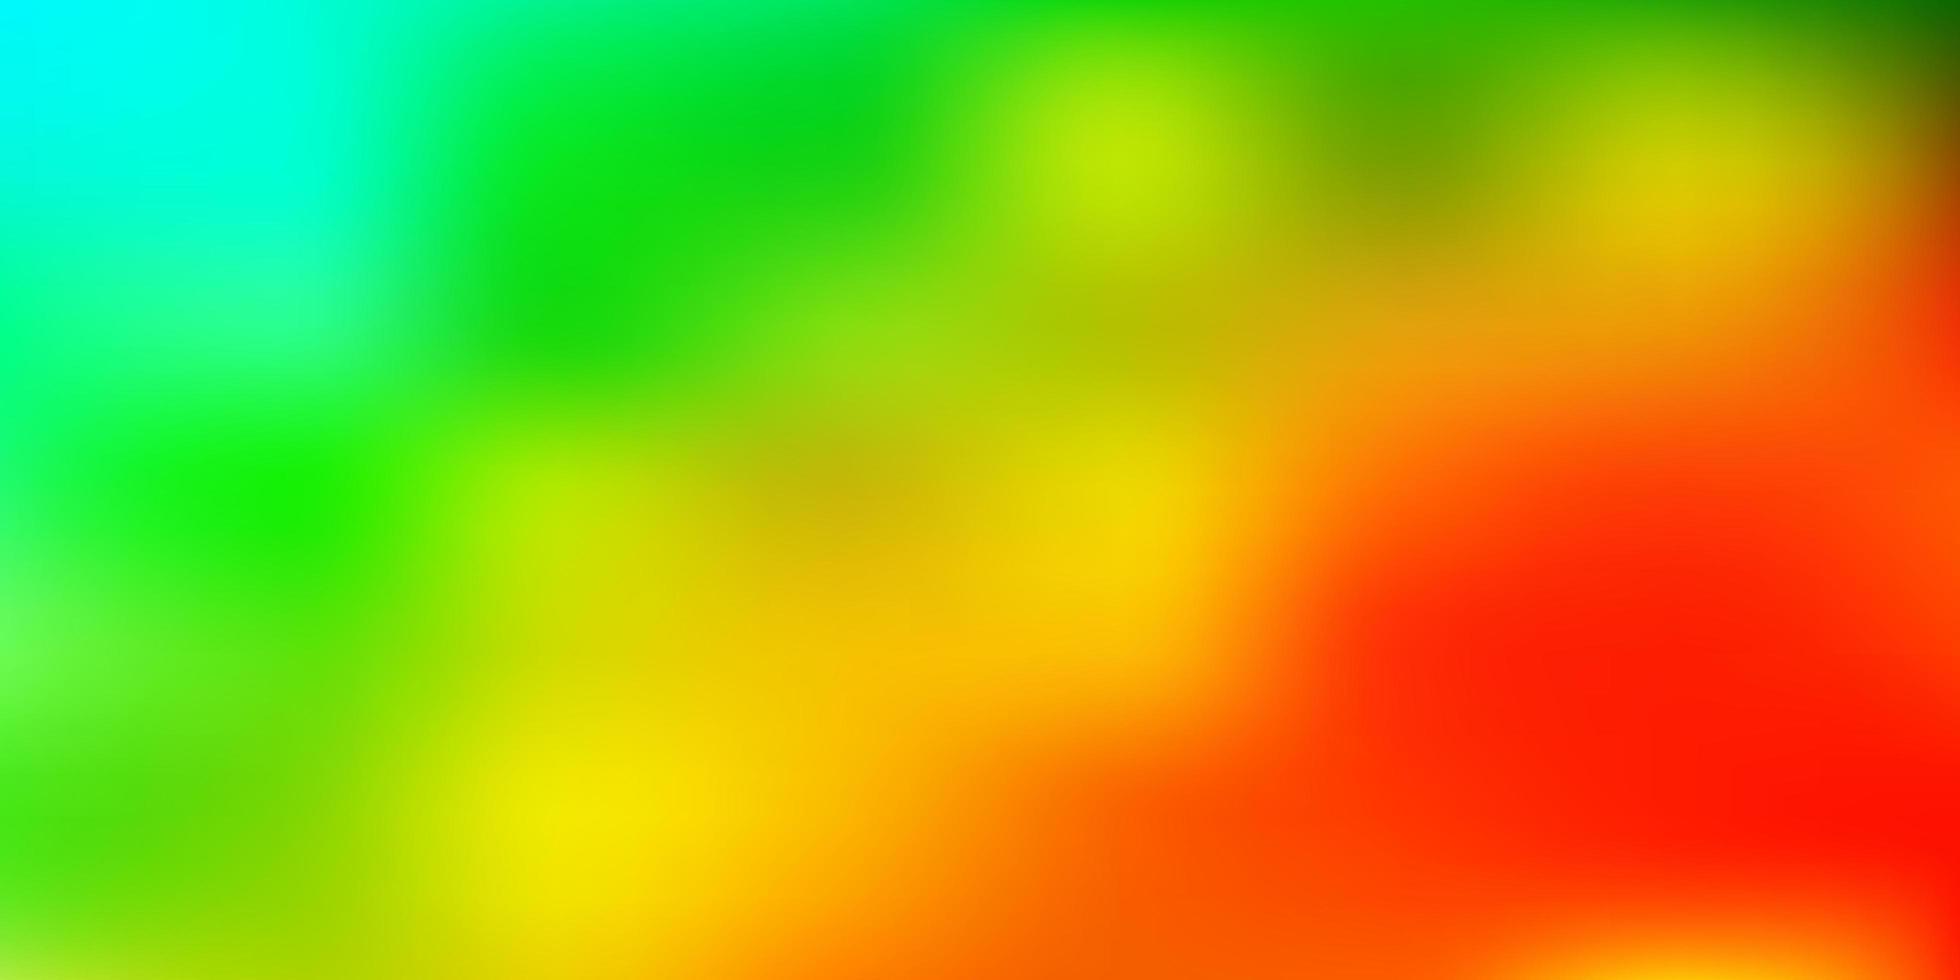 padrão de desfoque gradiente de vetor azul claro e verde.